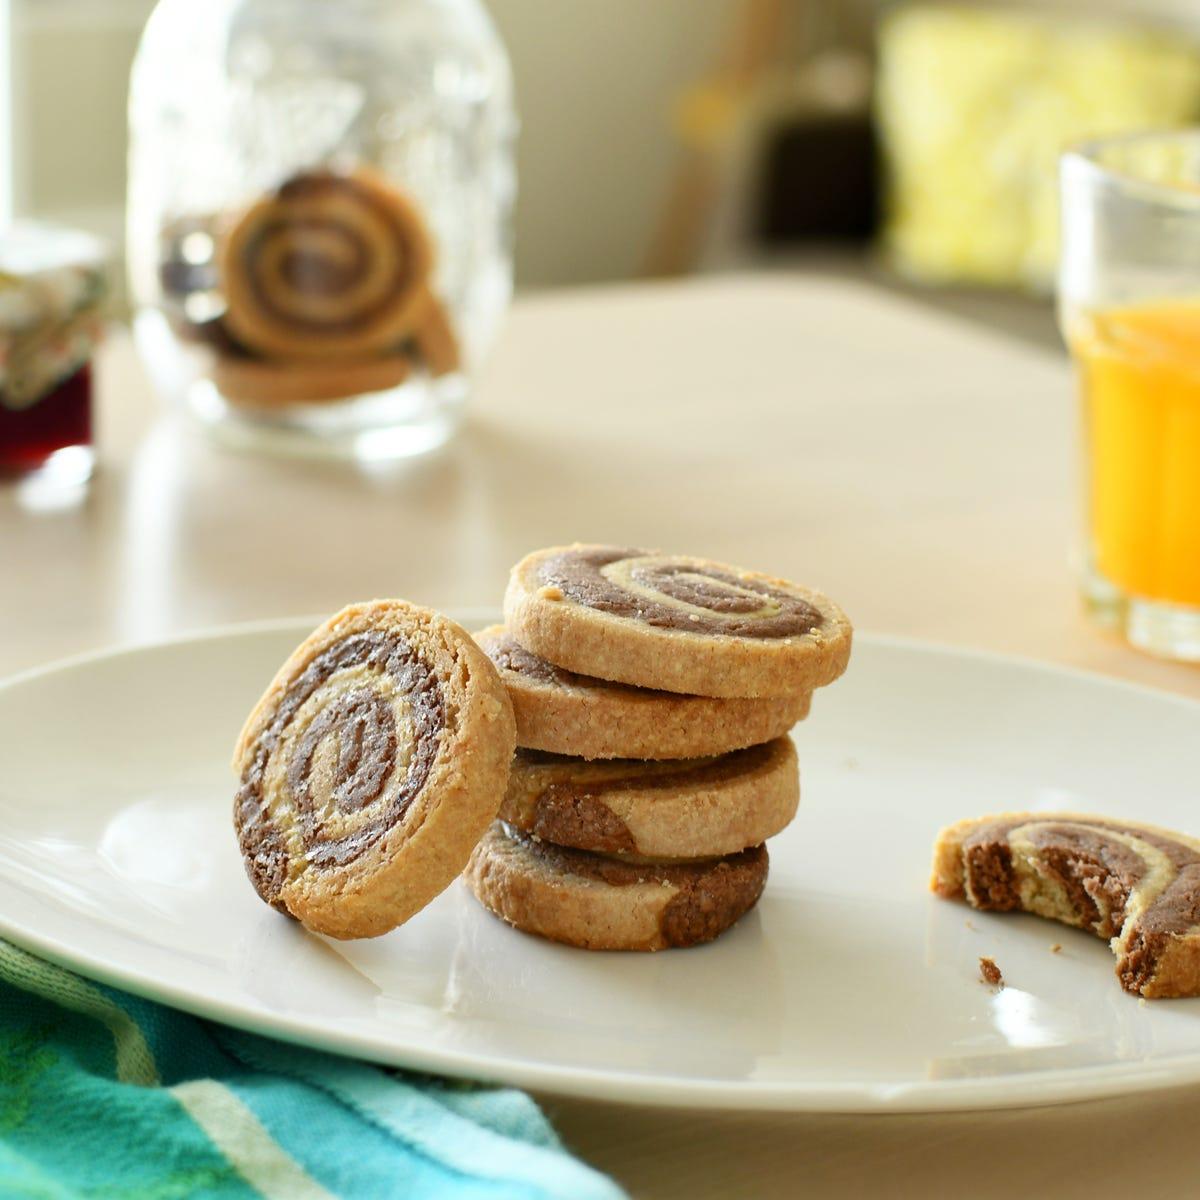 Entscheiden Sie sich für ein leckeres Rezept von spiralenförmigen Schoko-Mürbeteigkeksen für das Kaffeetrinken!